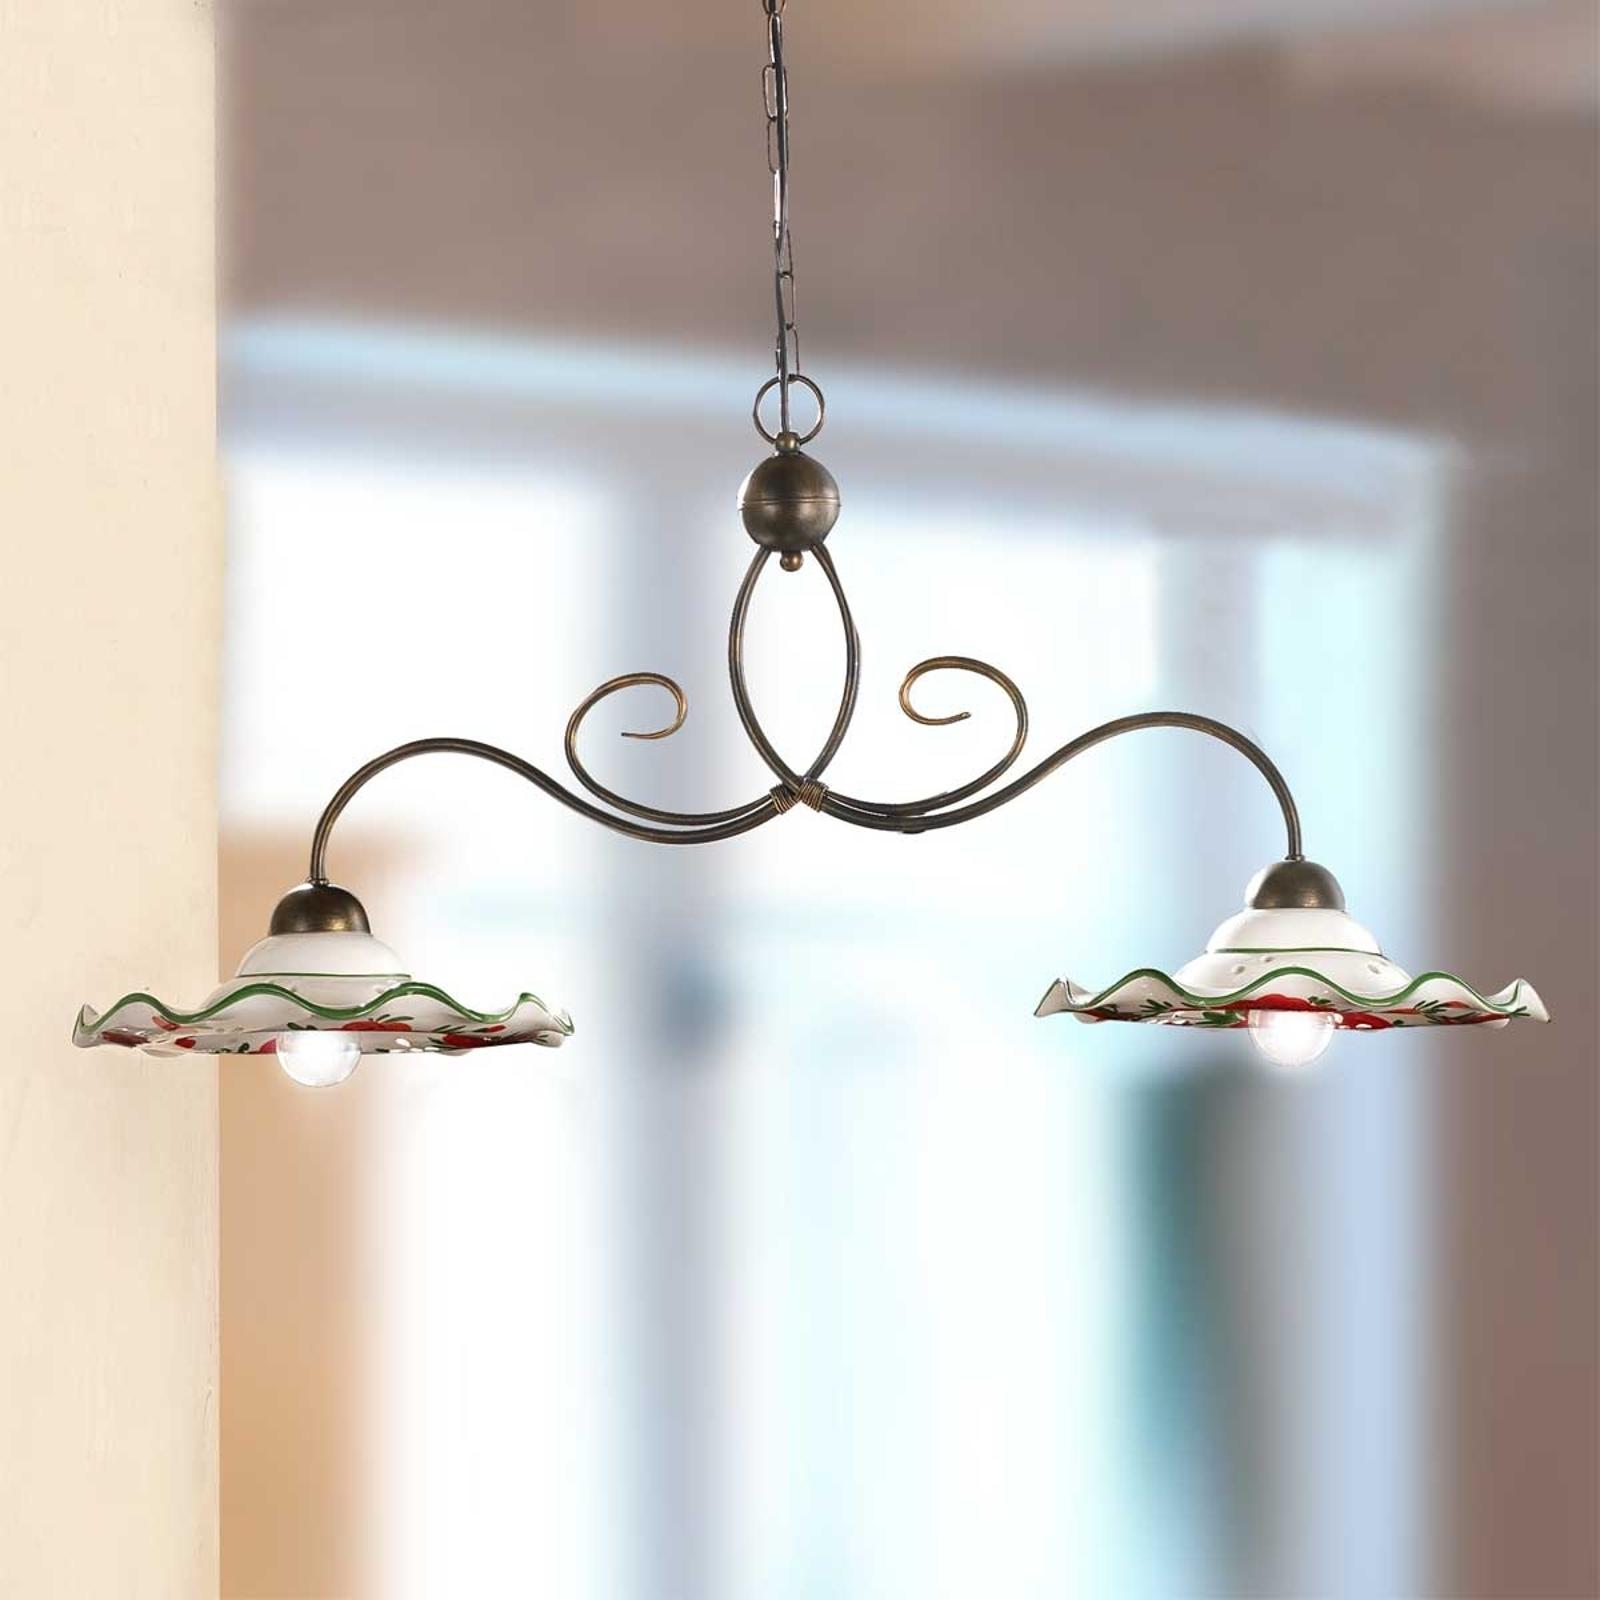 Hanglamp ROSOLACCI met keramieken kappen, 2-lichts